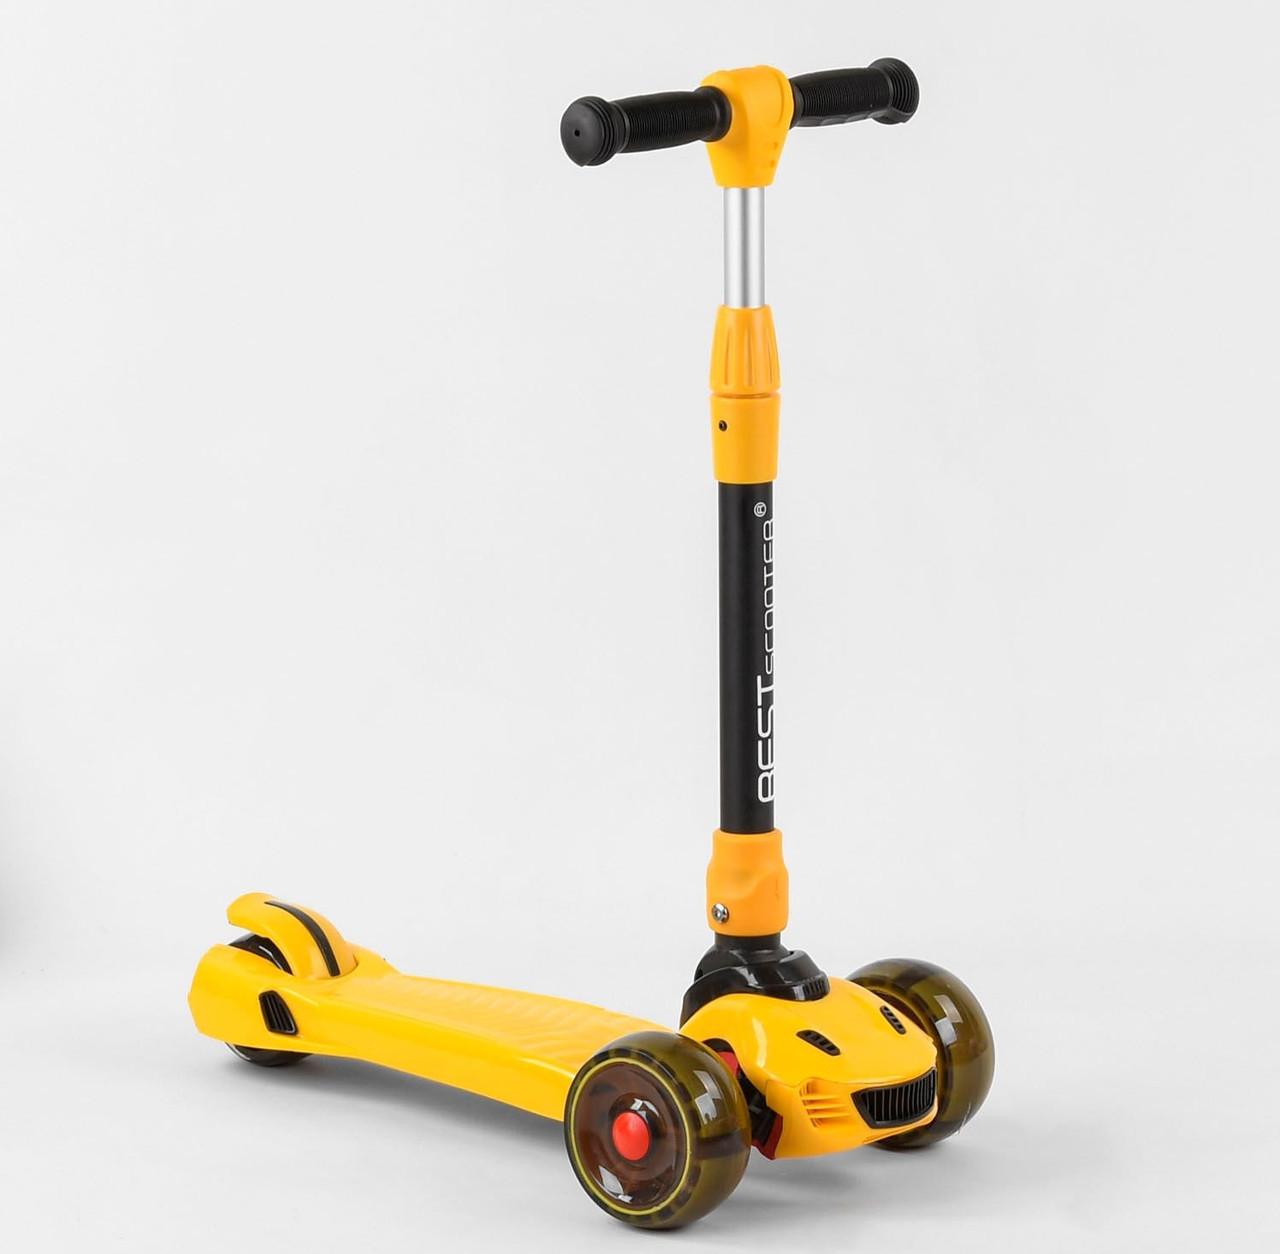 Трехколесный самокат для детей, легко складывается, регулируется по высоте Best Scooter CR-62111 MAXI, желтый